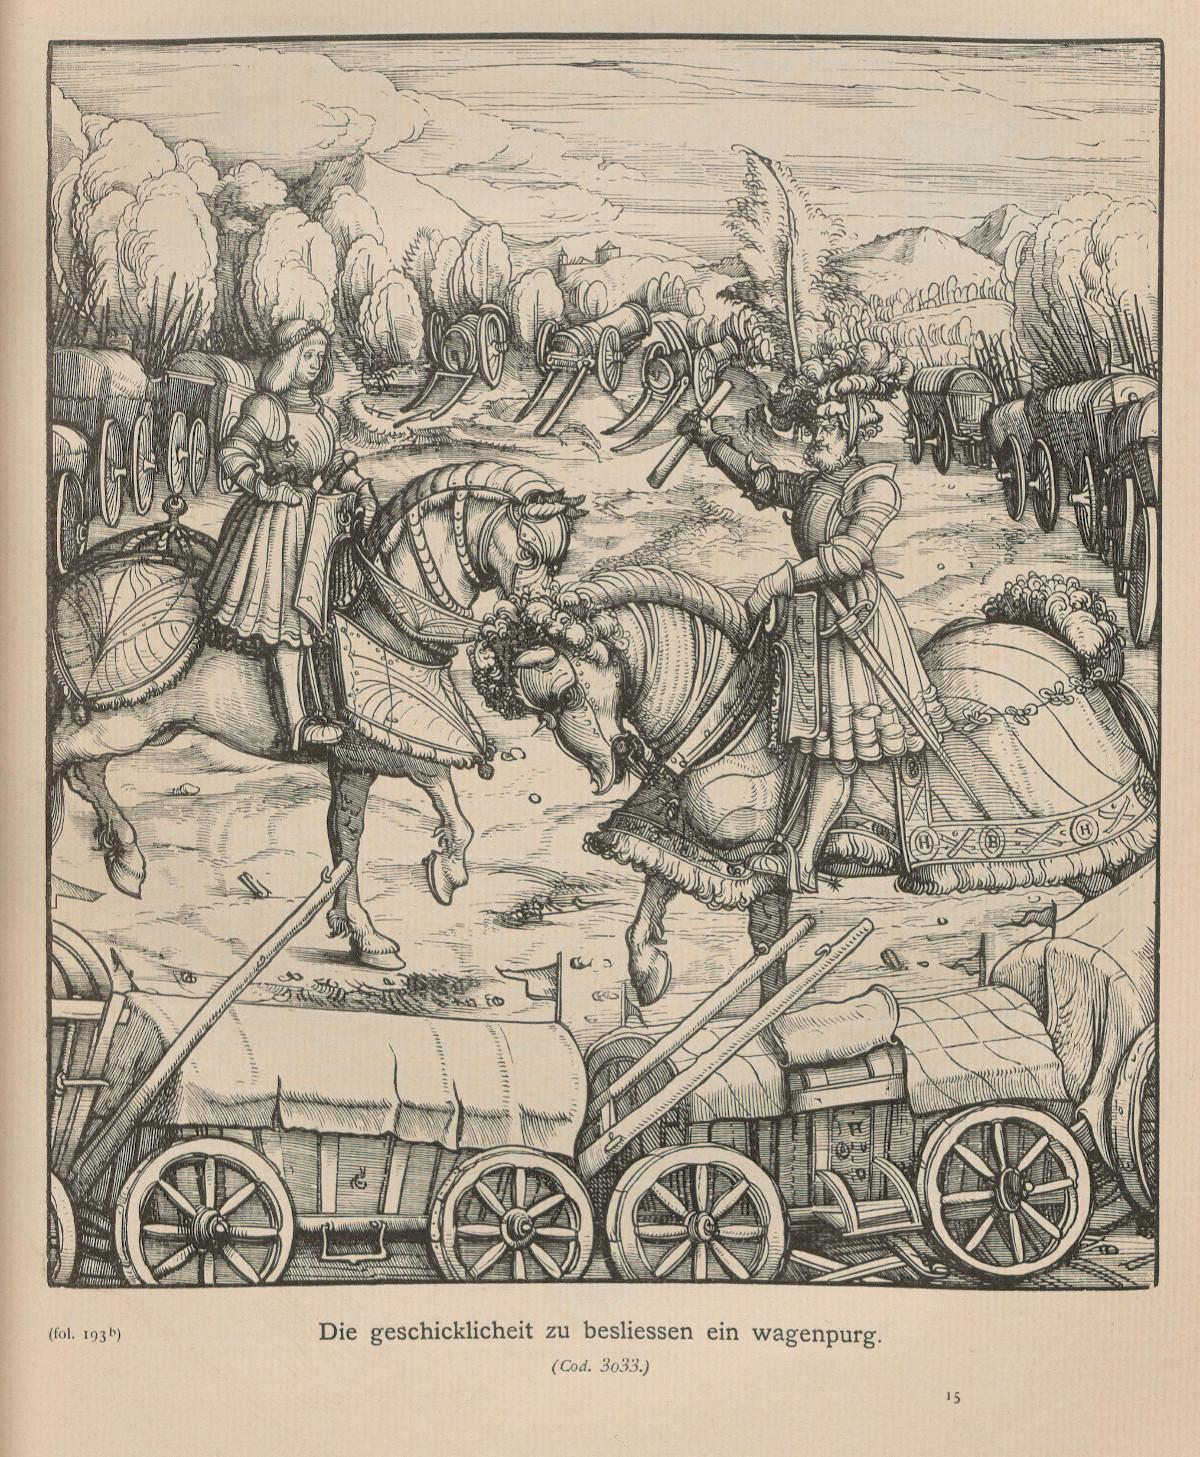 """1514, Cod. 3033, fol. 193b.<br> Bildunterschrift: """"Die geschicklichkeit zu besliessen ein wagenpurg."""" <br>Quelle: <a href=""""https://digi.ub.uni-heidelberg.de/diglit/jbksak1888/0143"""">Heidelberger historische Bestände – digital</a>; ursprl. publiziert in: Jahrbuch der Kunsthistorischen Sammlungen des Allerhöchsten Kaiserhauses. Der Weisskunig. Wien 6.1888, S. 113.<br>  Lizenz: <a href=""""https://creativecommons.org/licenses/by-sa/3.0/de/"""">Creative Commons BY-SA 3.0 DE</a>"""